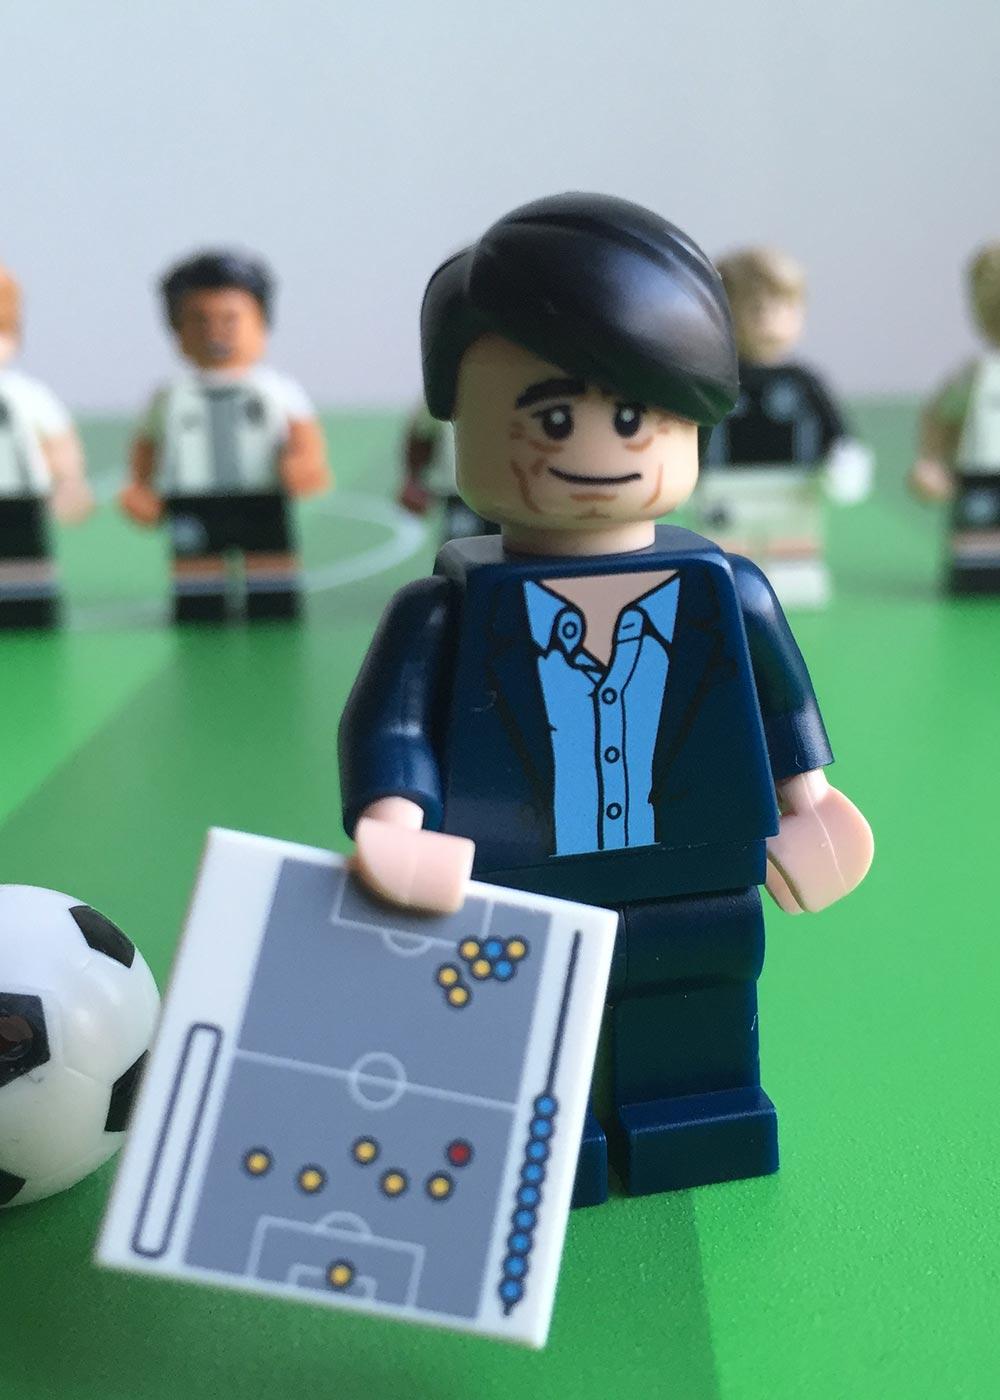 Ikea Linmon Alex Kinderschreibtisch Fussballfeld grün Teilansicht Schiri